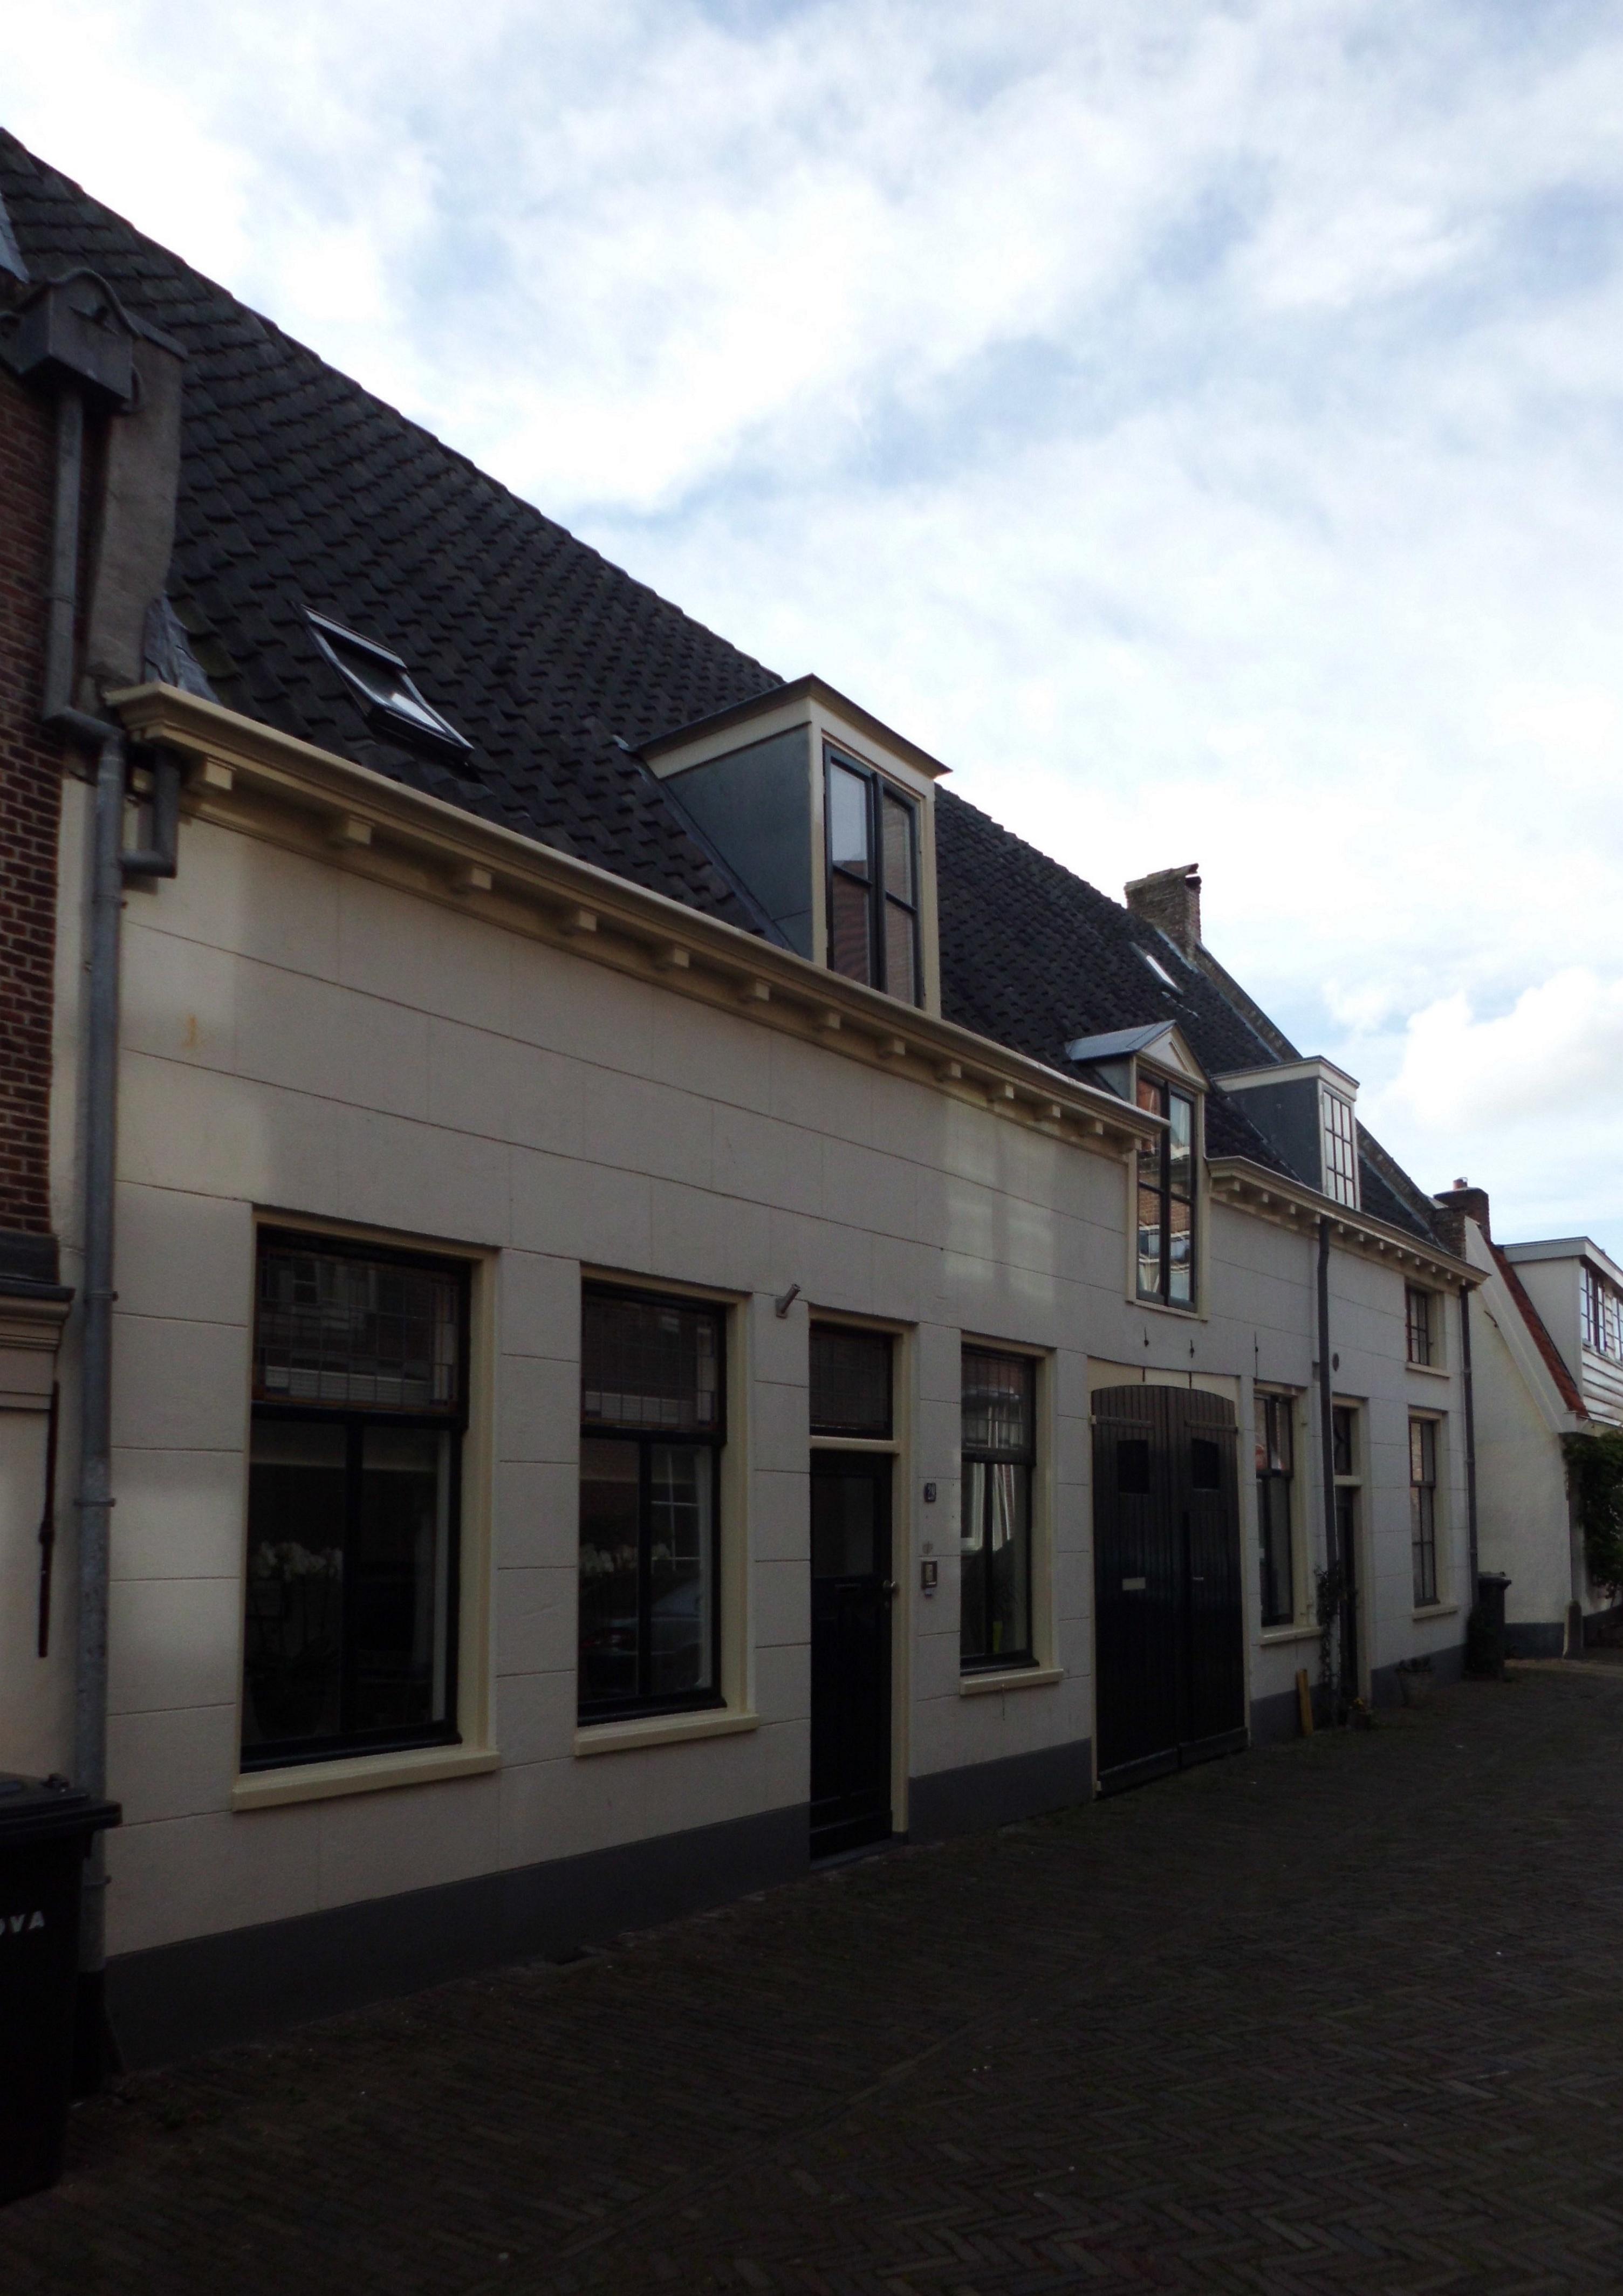 Huis met gepleisterde gevel en klossengoot in amersfoort monument - Huis gevel ...